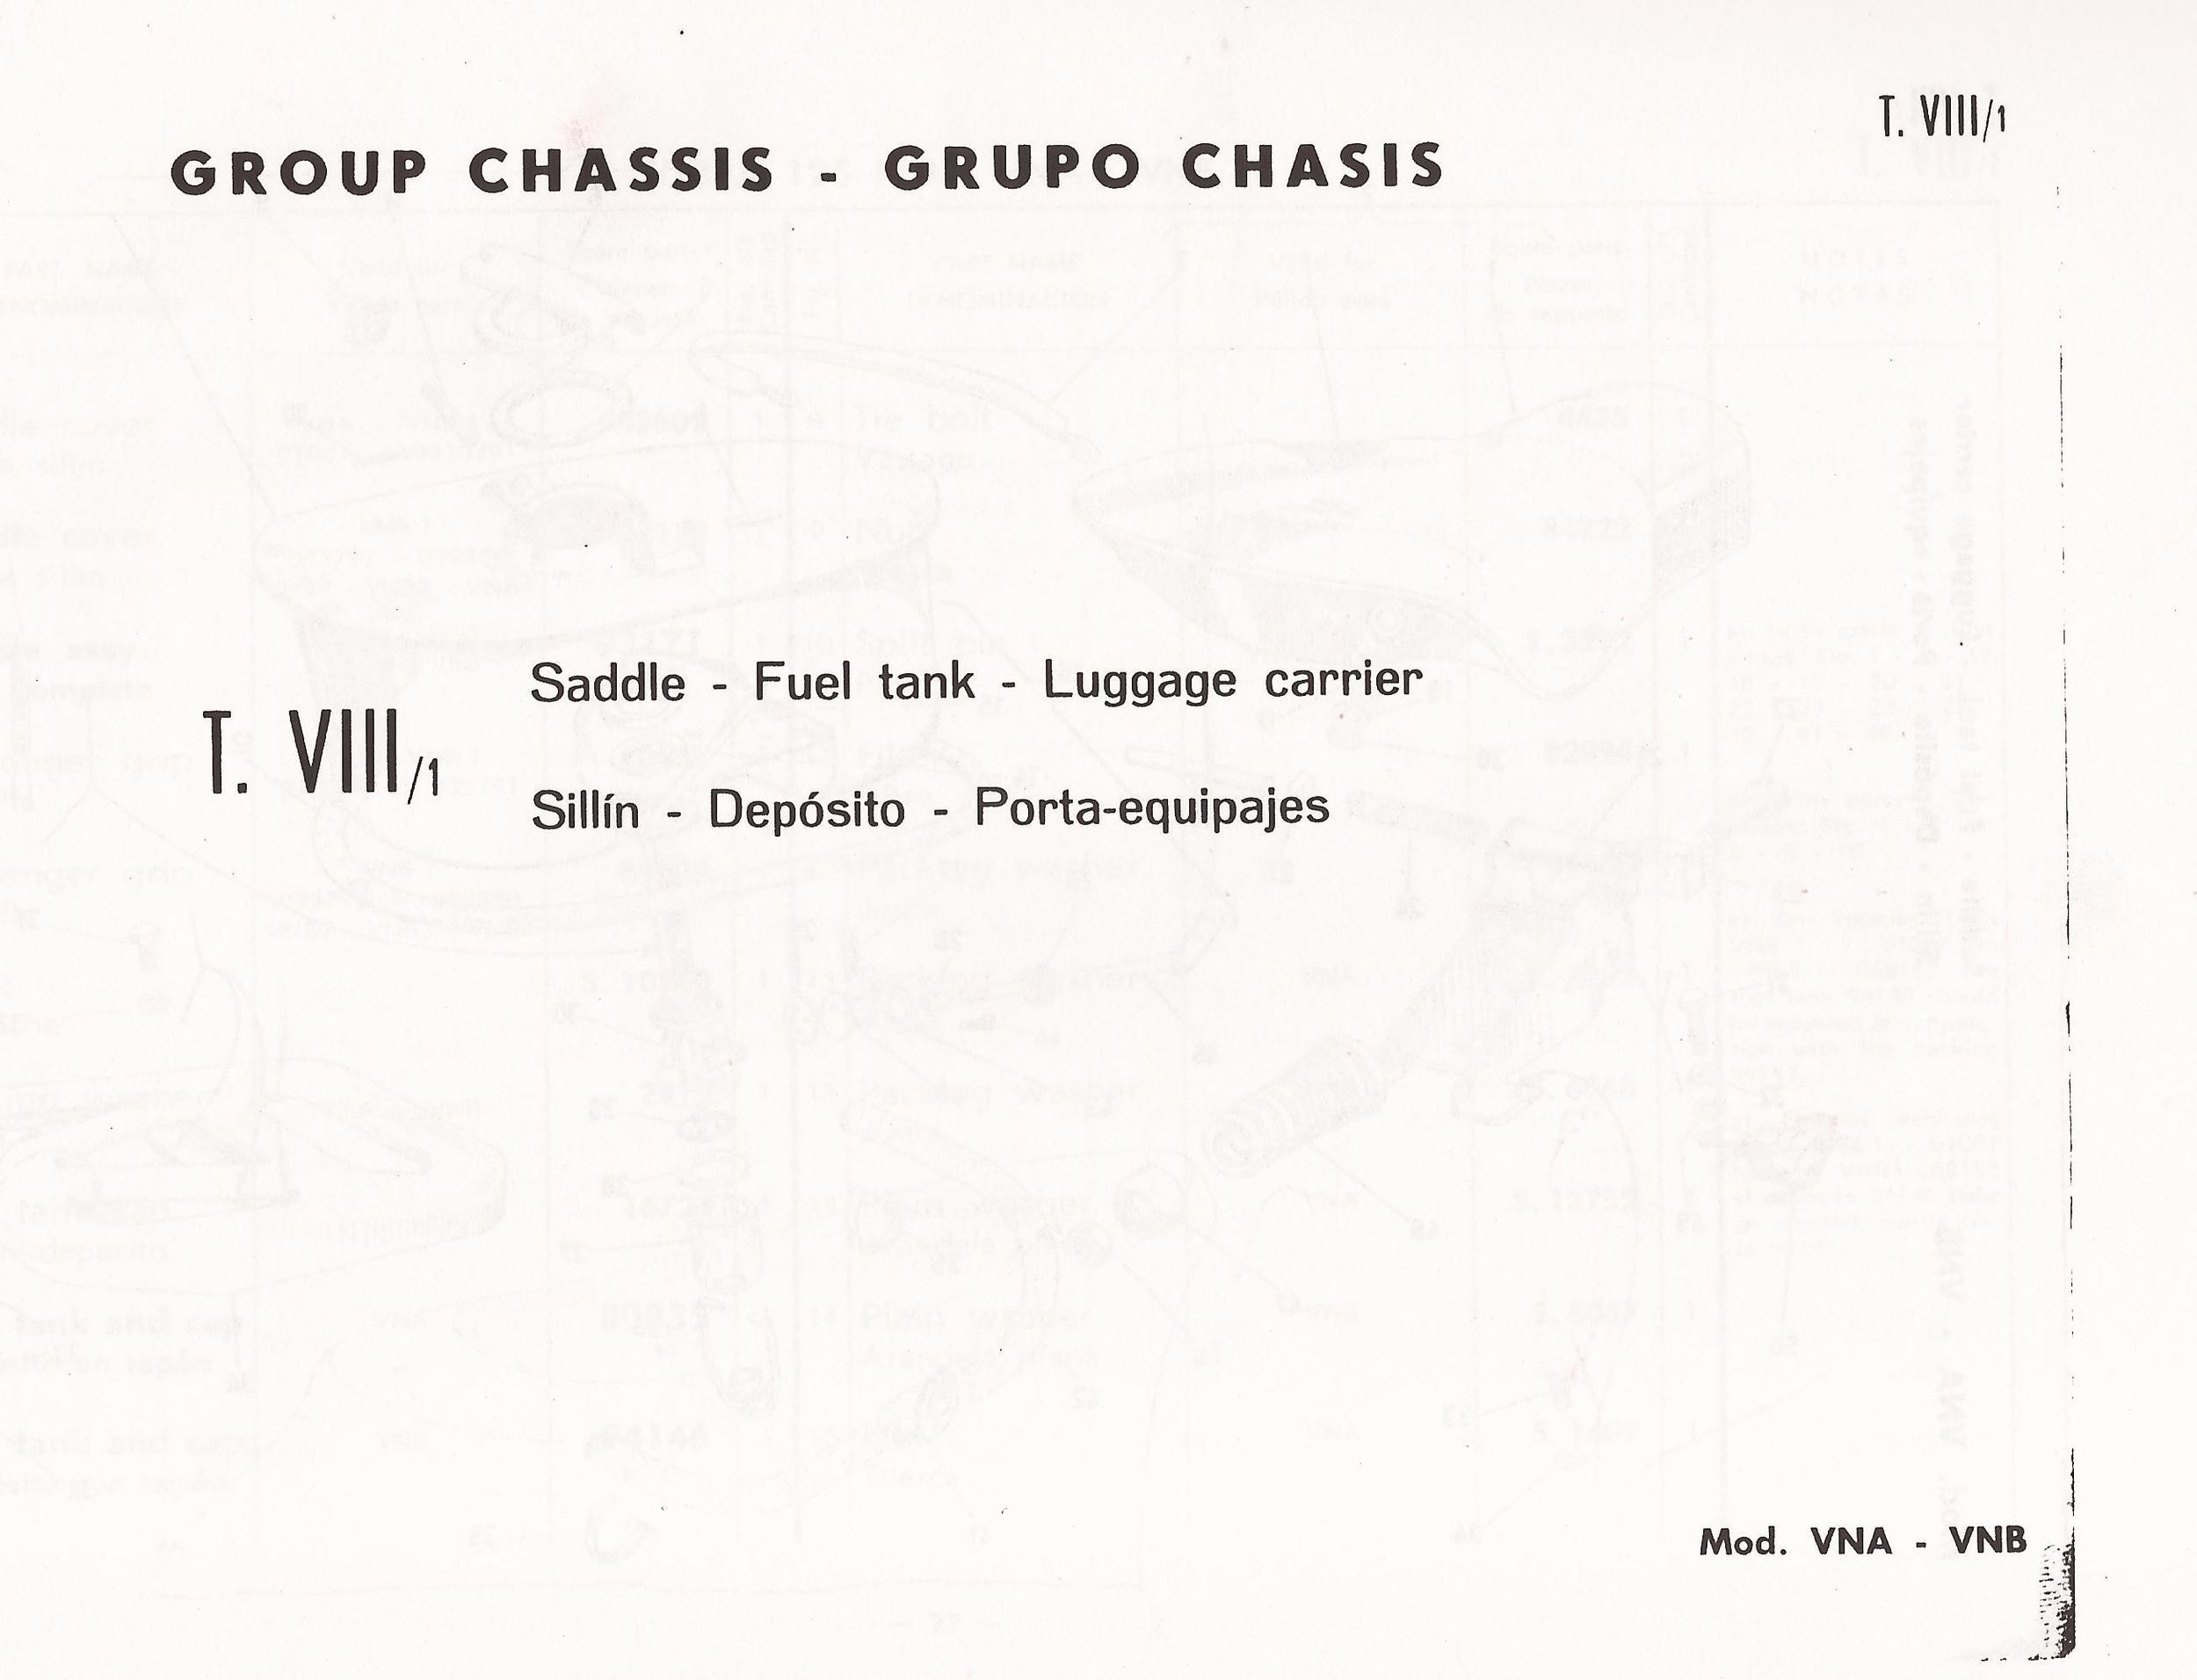 07-16-2013 vespa 125 catalog manuel 77.jpg